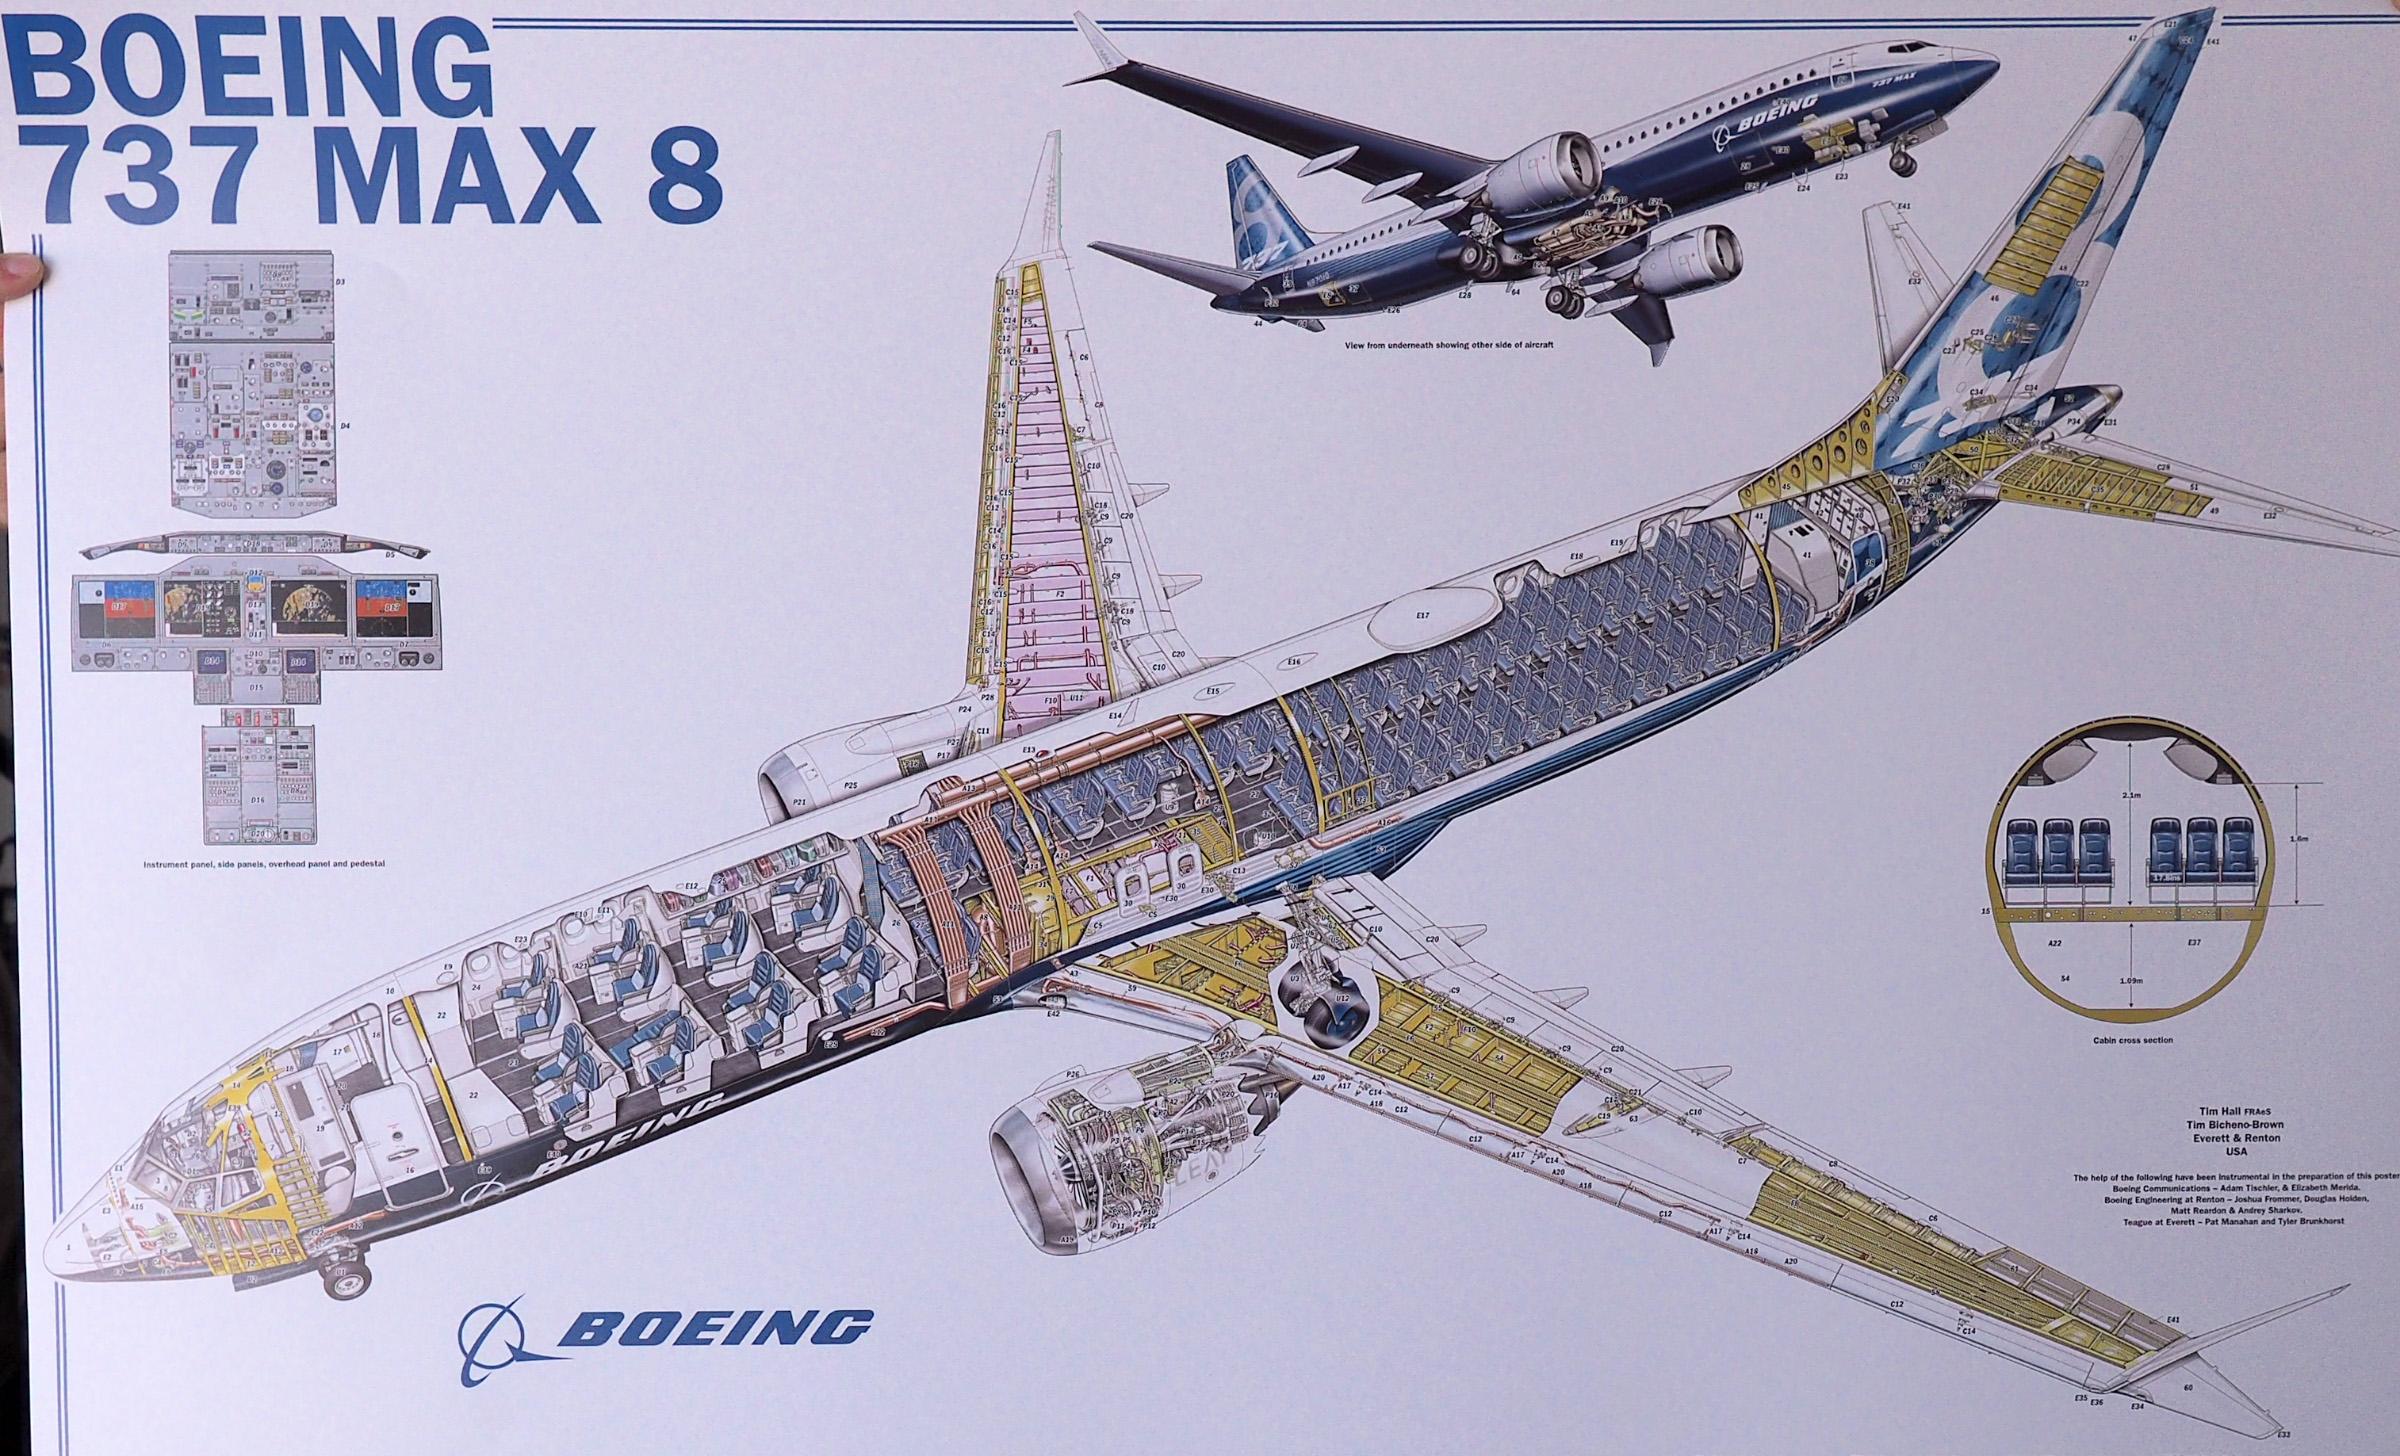 B737 MAX 8